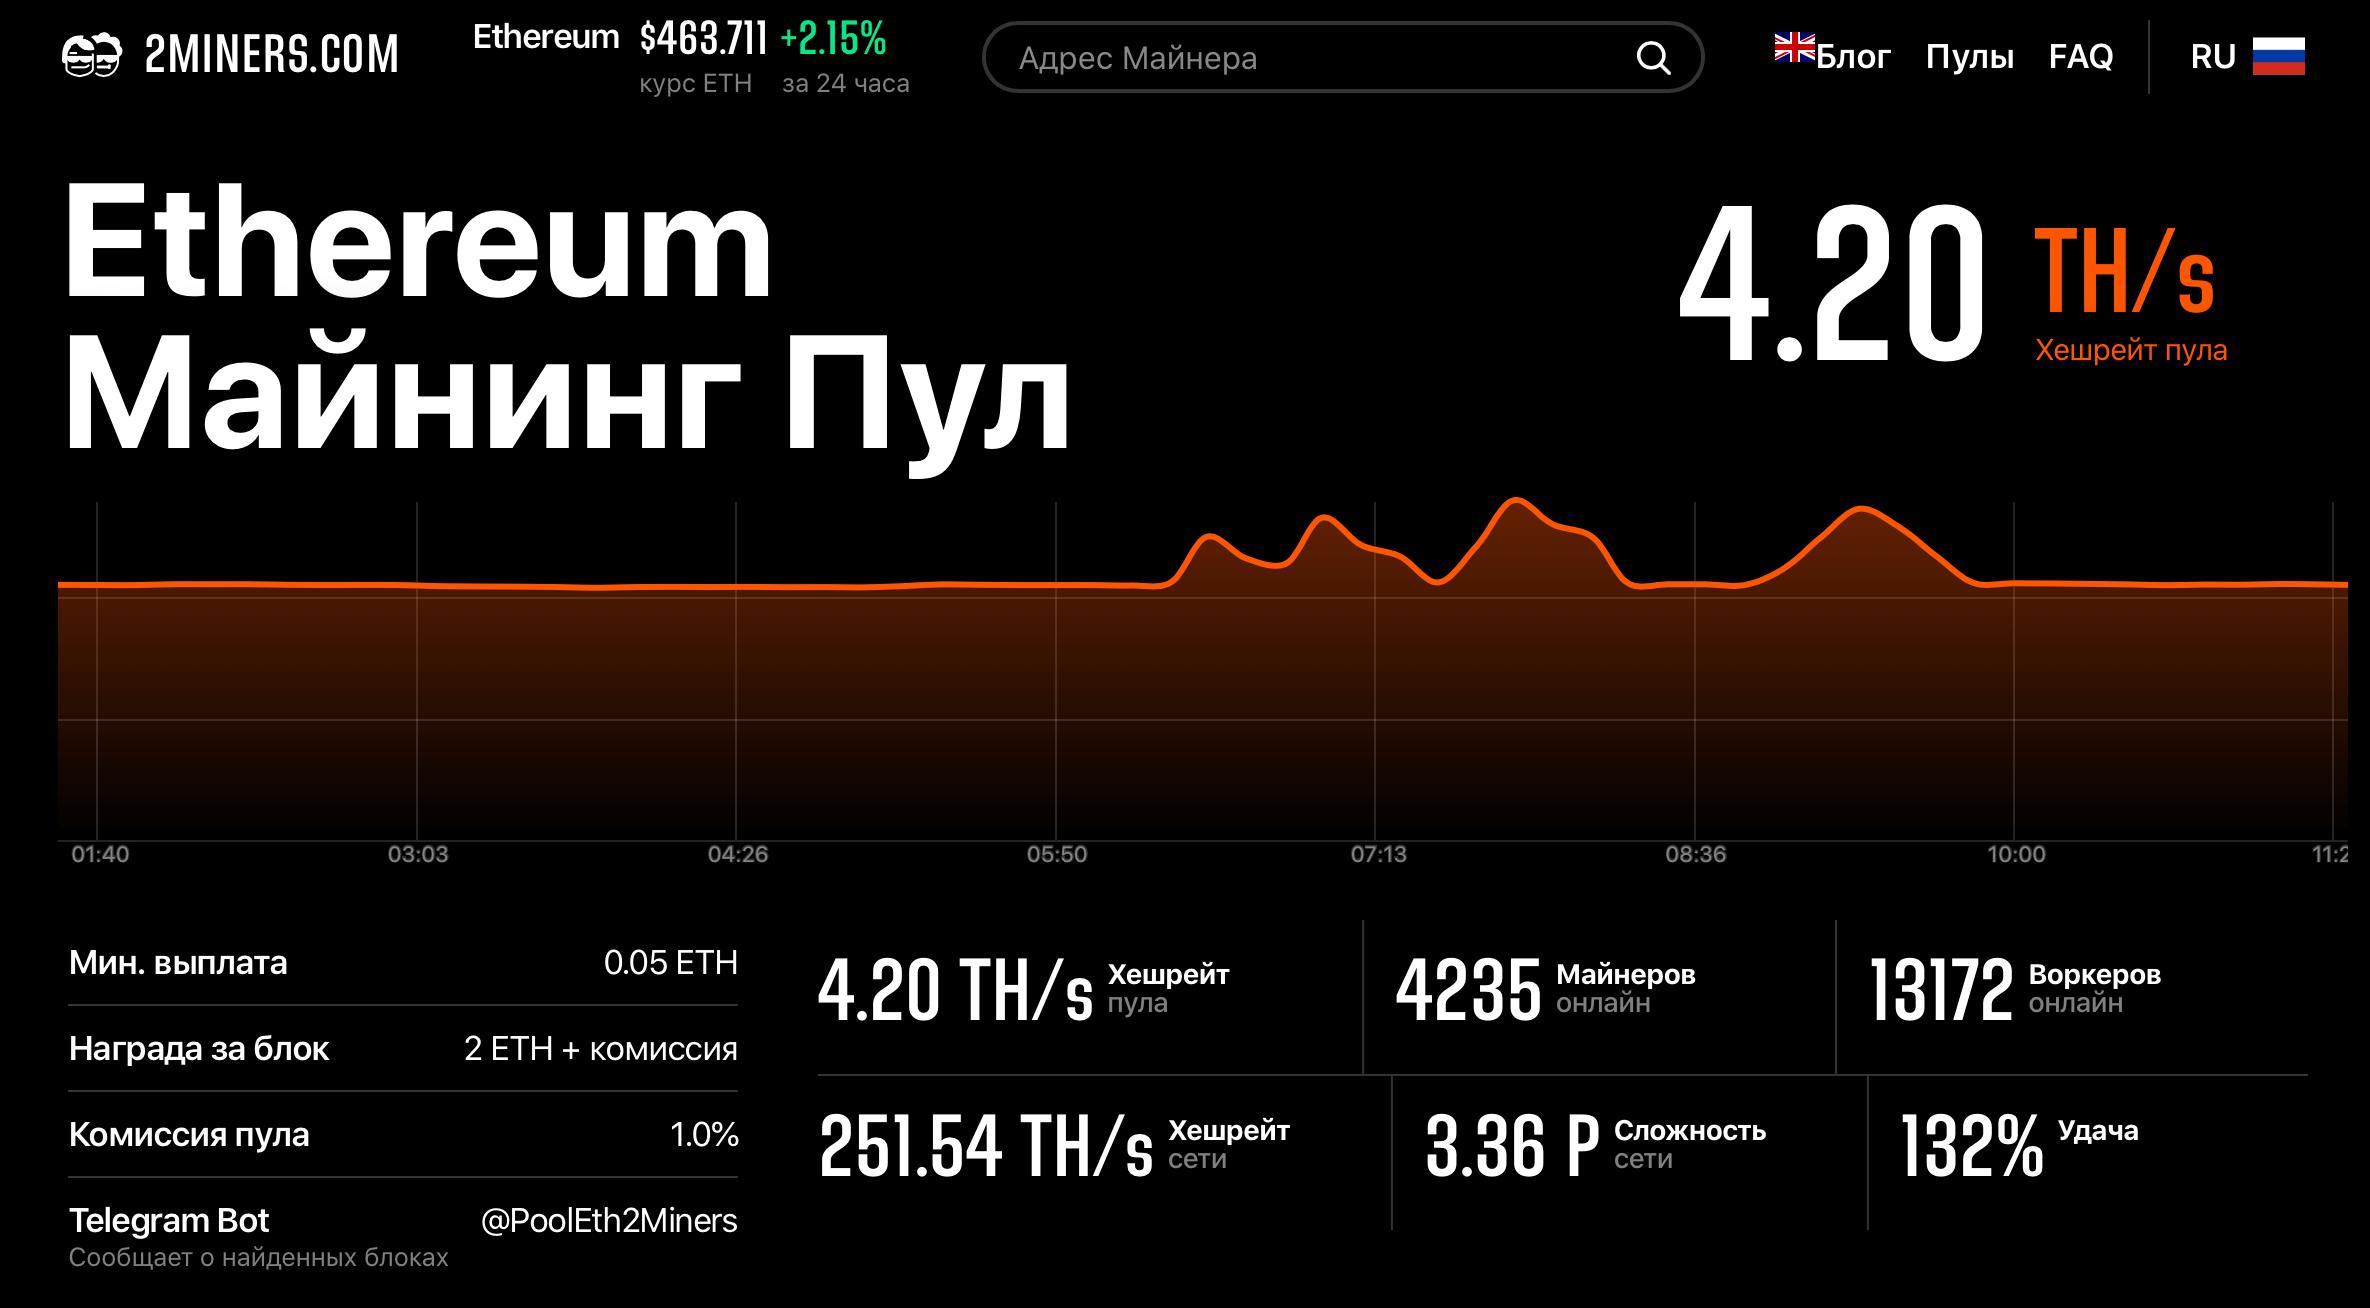 Интерфейс 2Miners